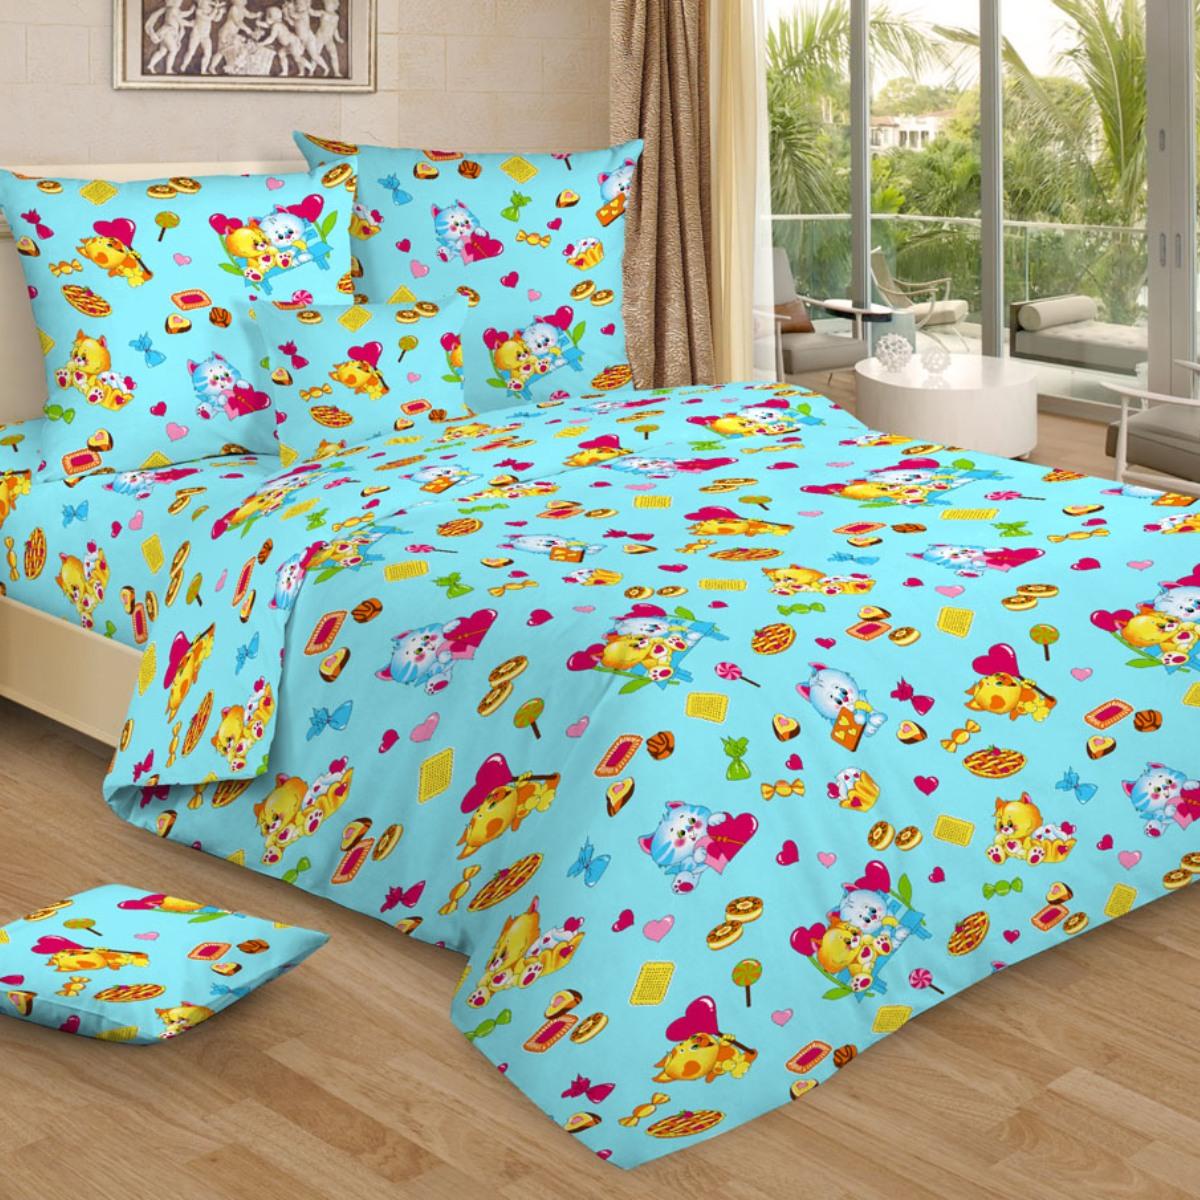 Letto Комплект в кроватку цвет голубой BG-94